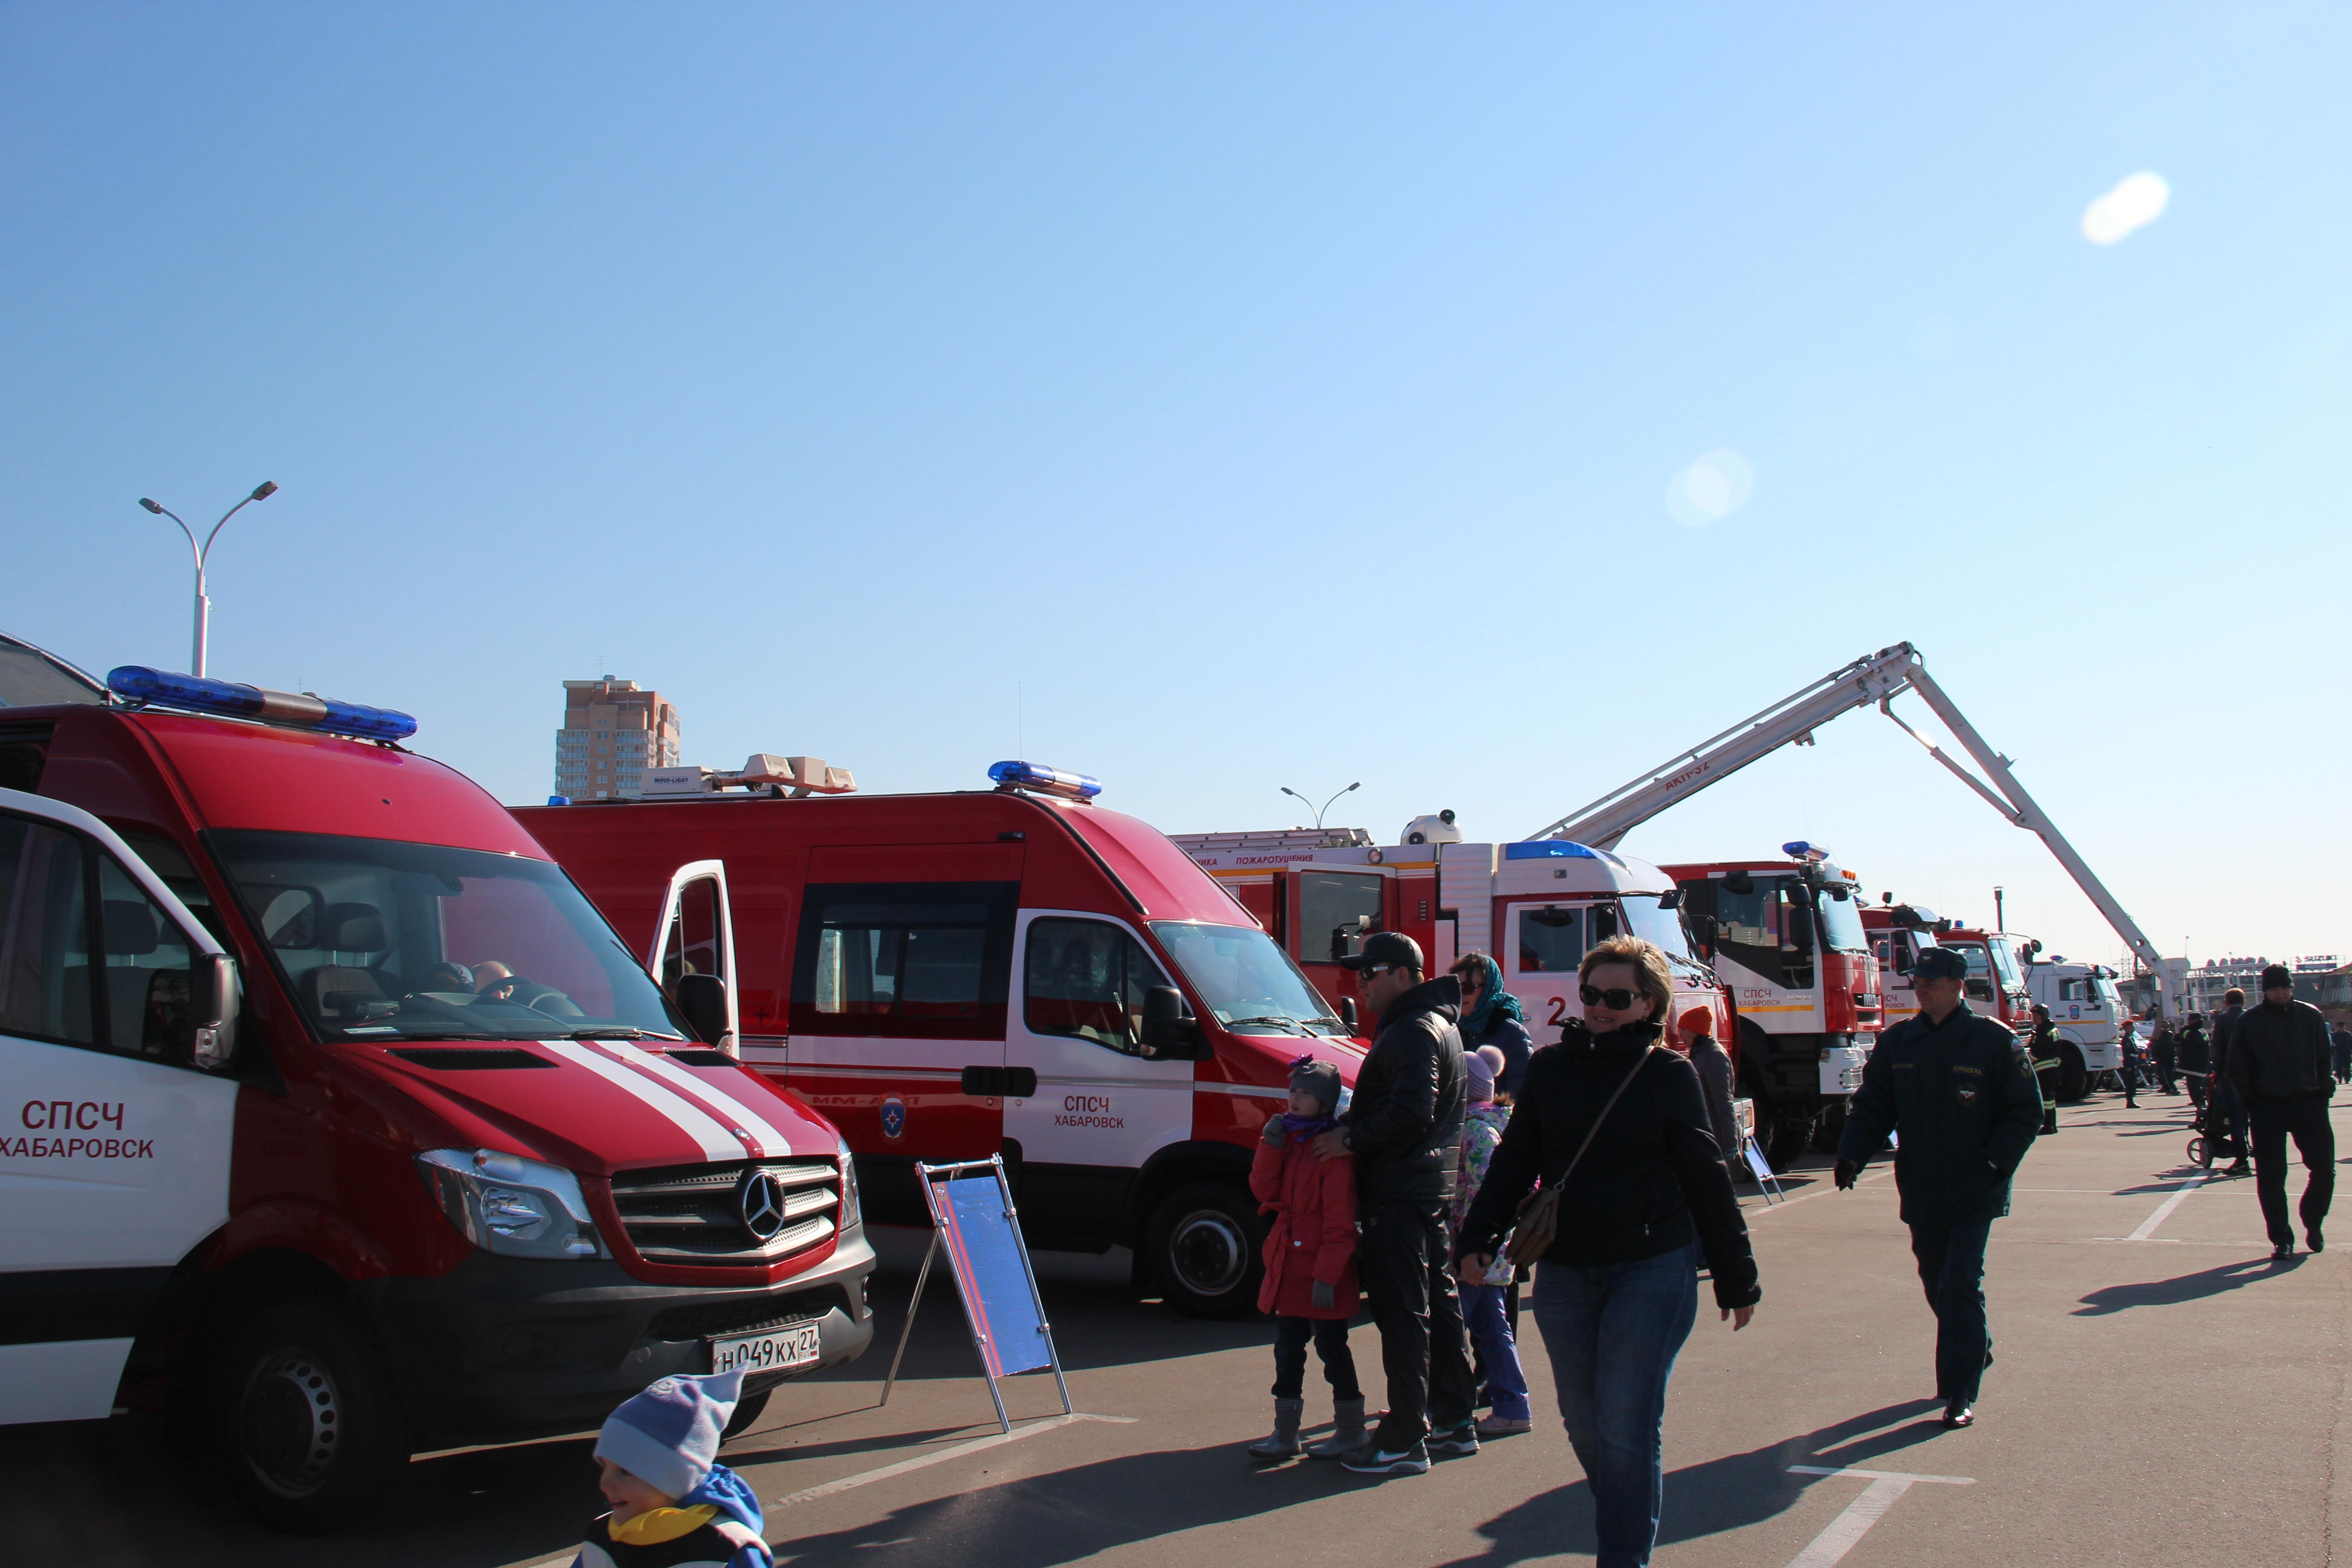 """Выставка современных образцов техники и пожарно-спасательного оборудования на площади ледового дворца """"Арена-Ерофей"""" в городе Хабаровске"""